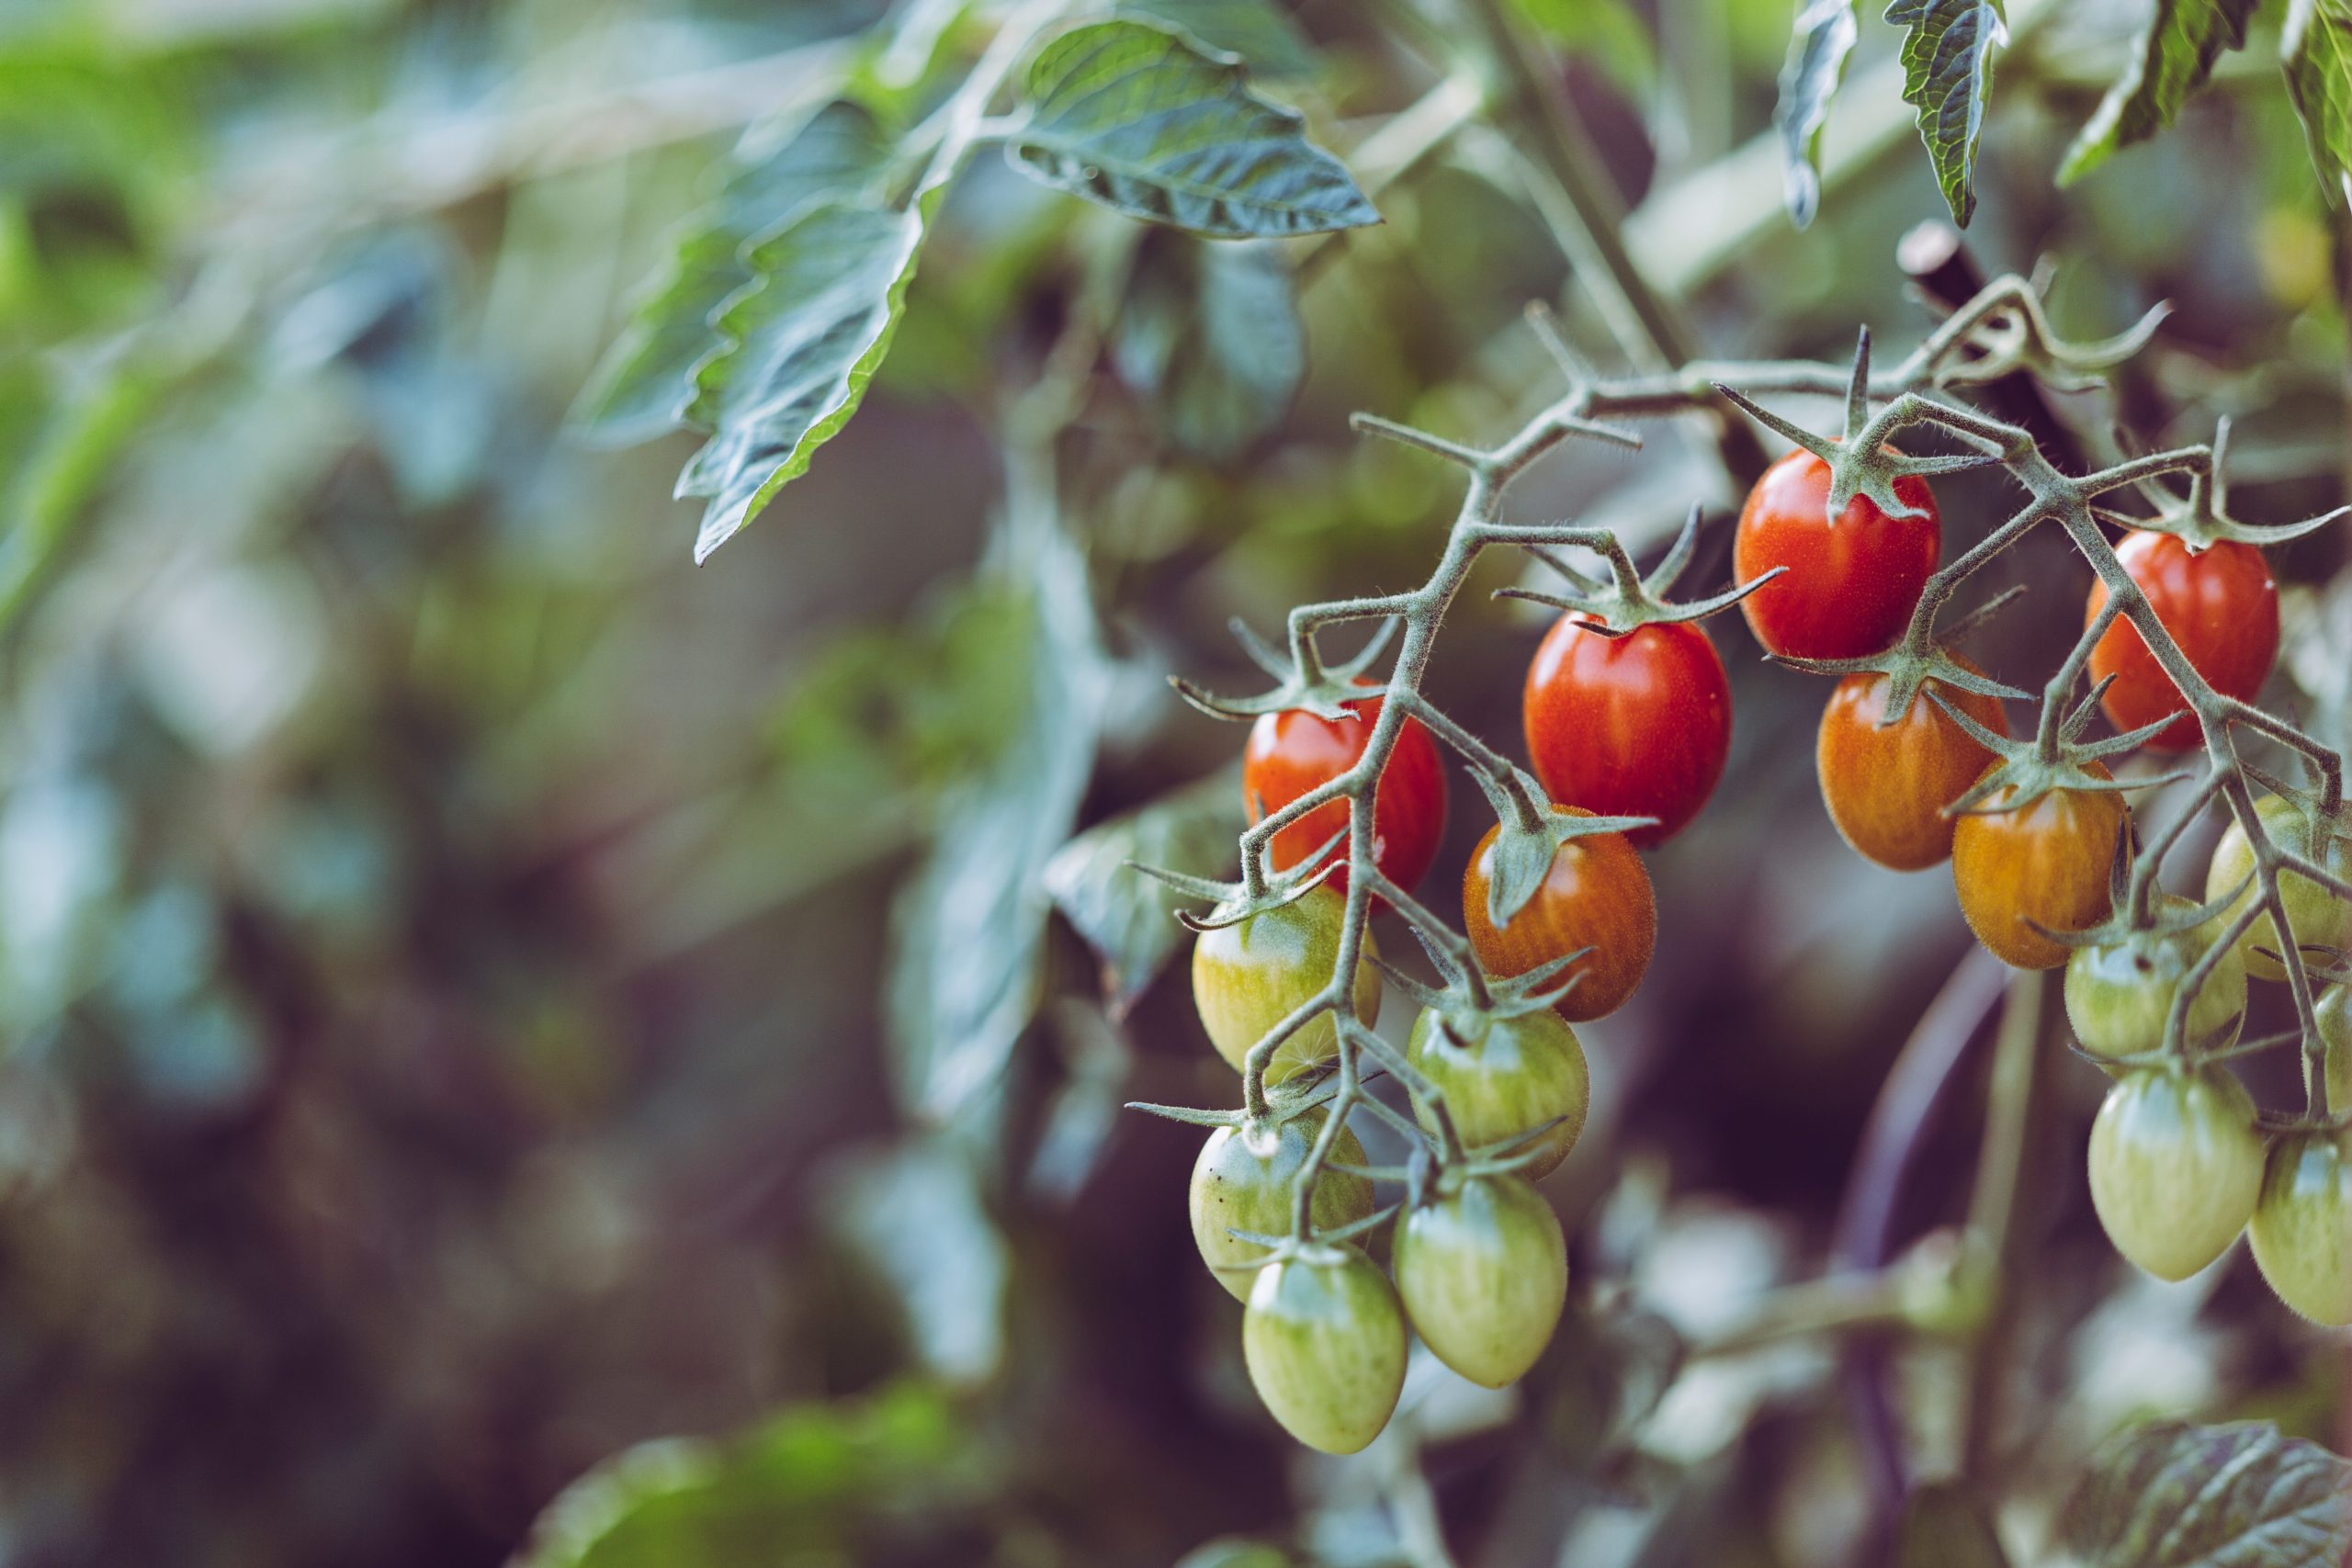 Cerco persone interessate a creare un'attività agricola nei pressi di Roma